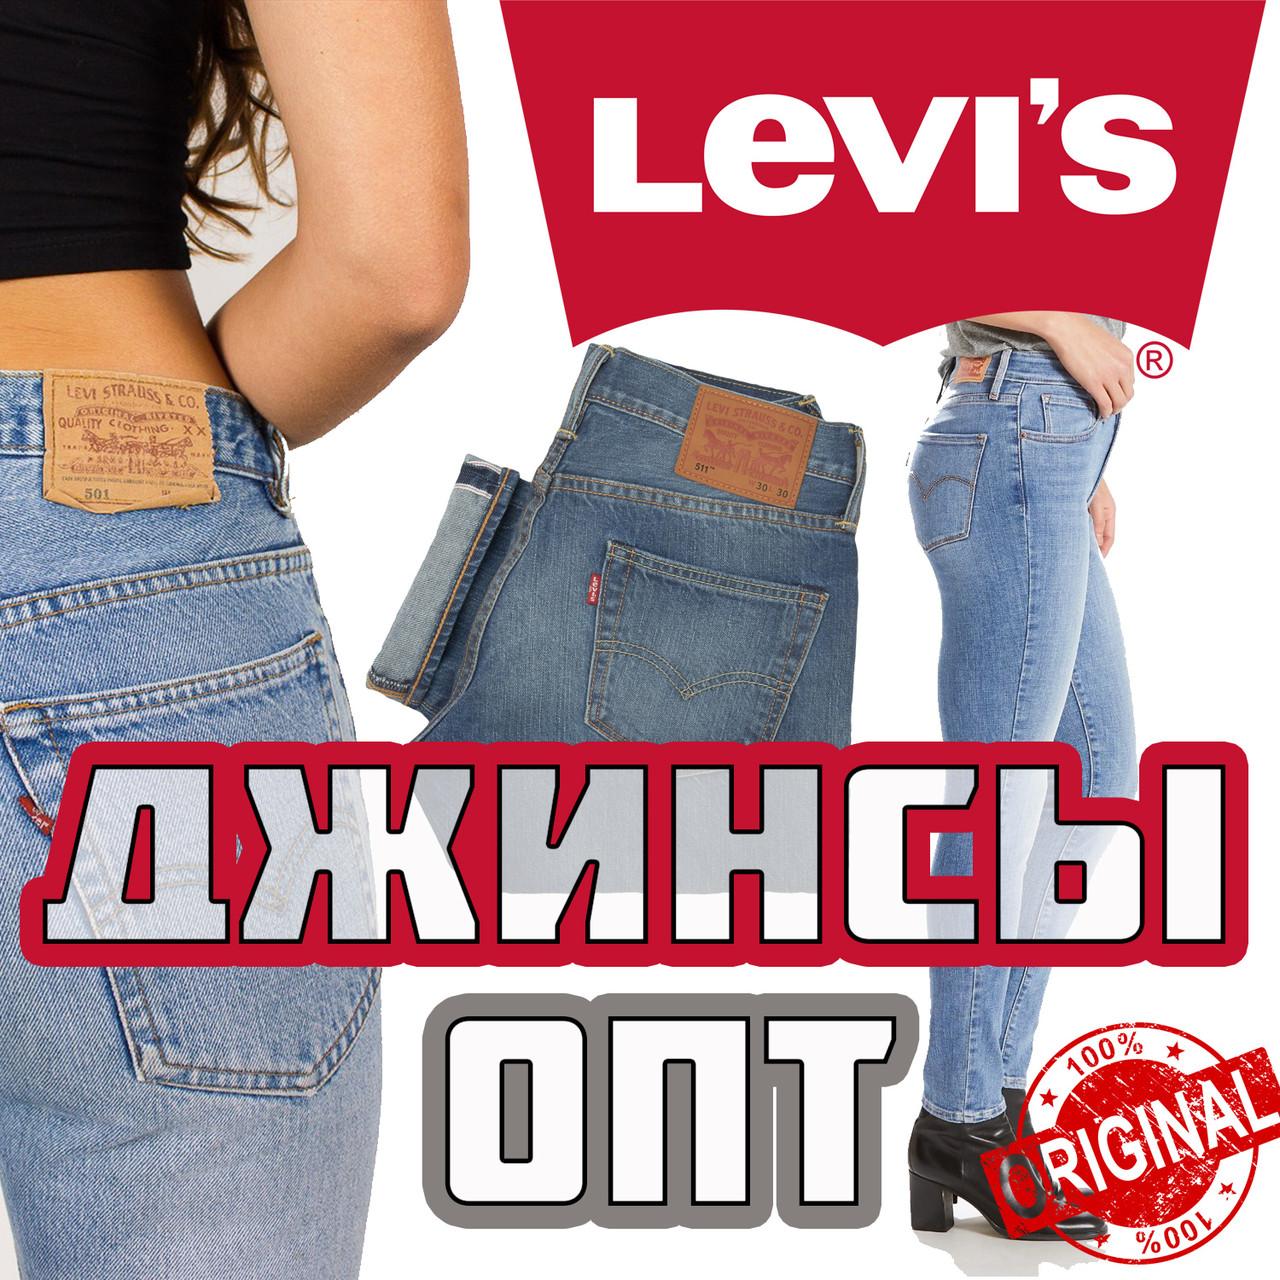 Джинсы Levi's женские 501ct 311 314 711 серии Оригинал